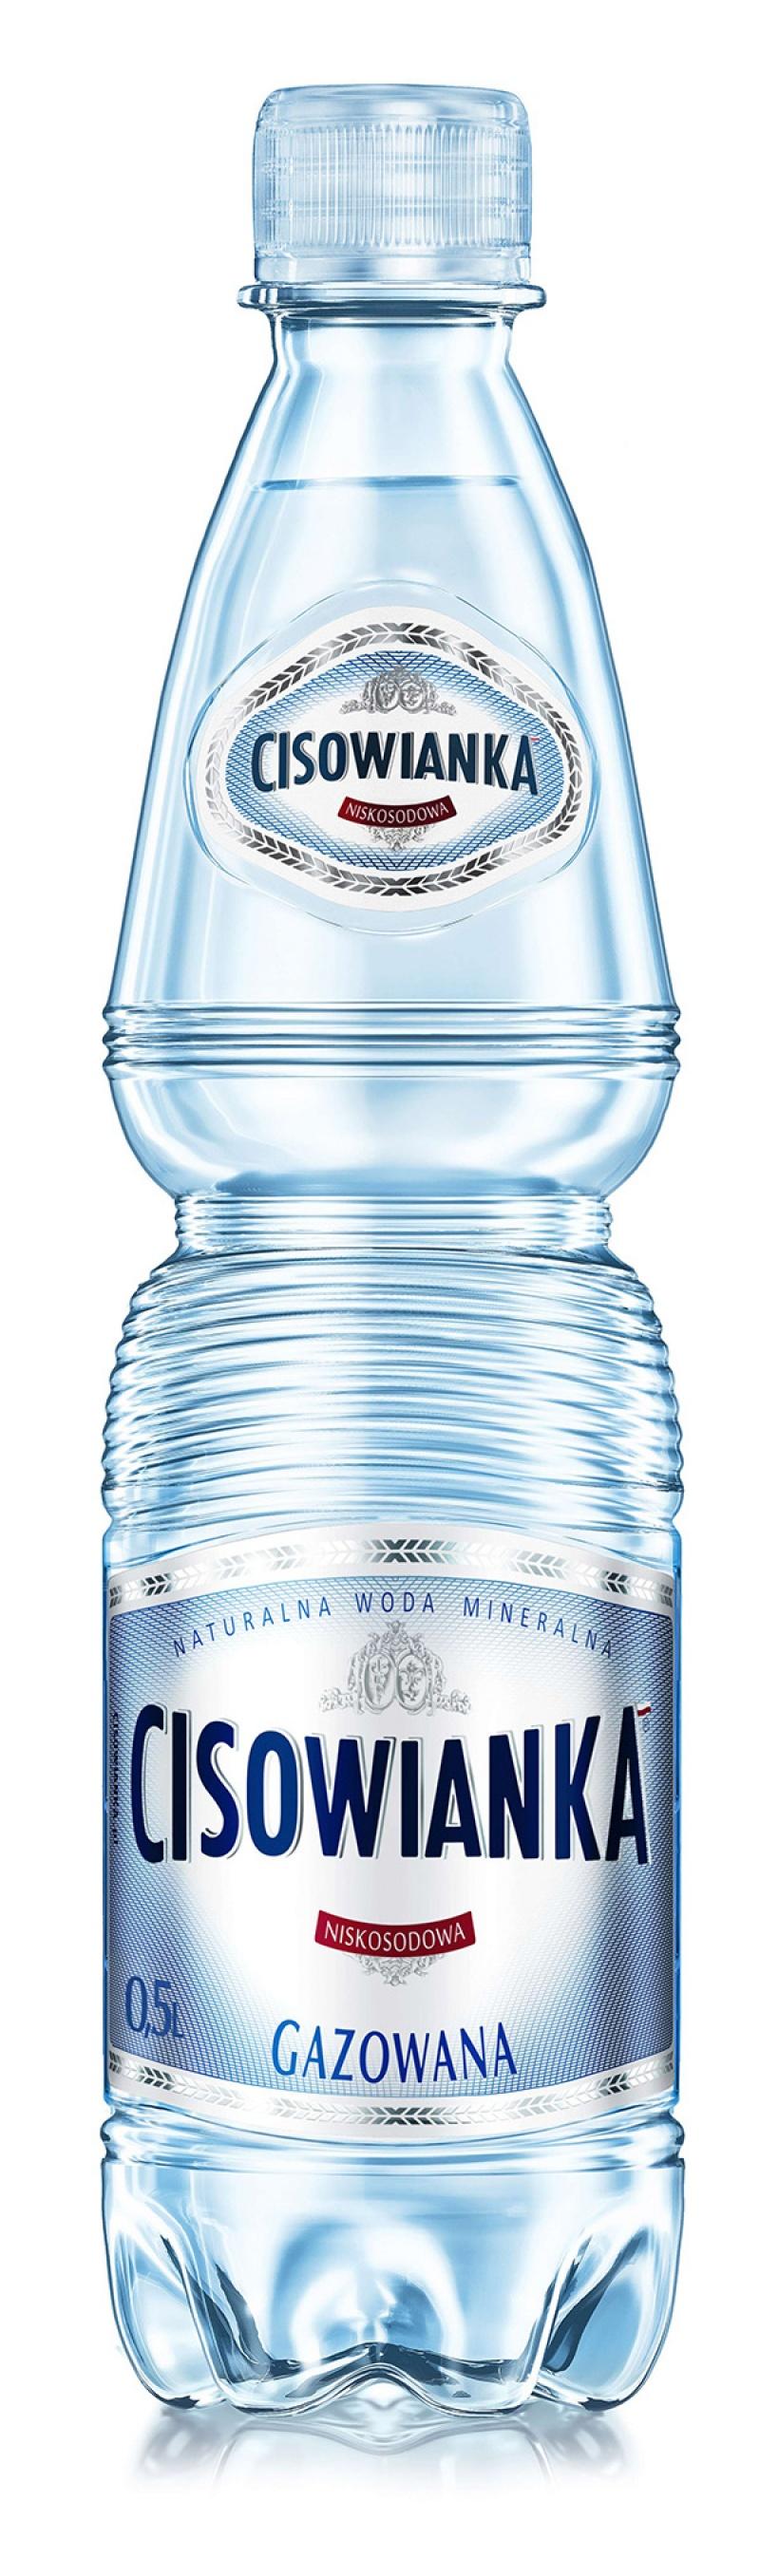 Woda CISOWIANKA, gazowana, butelka plastikowa, 0,5l, Woda, Artykuły spożywcze